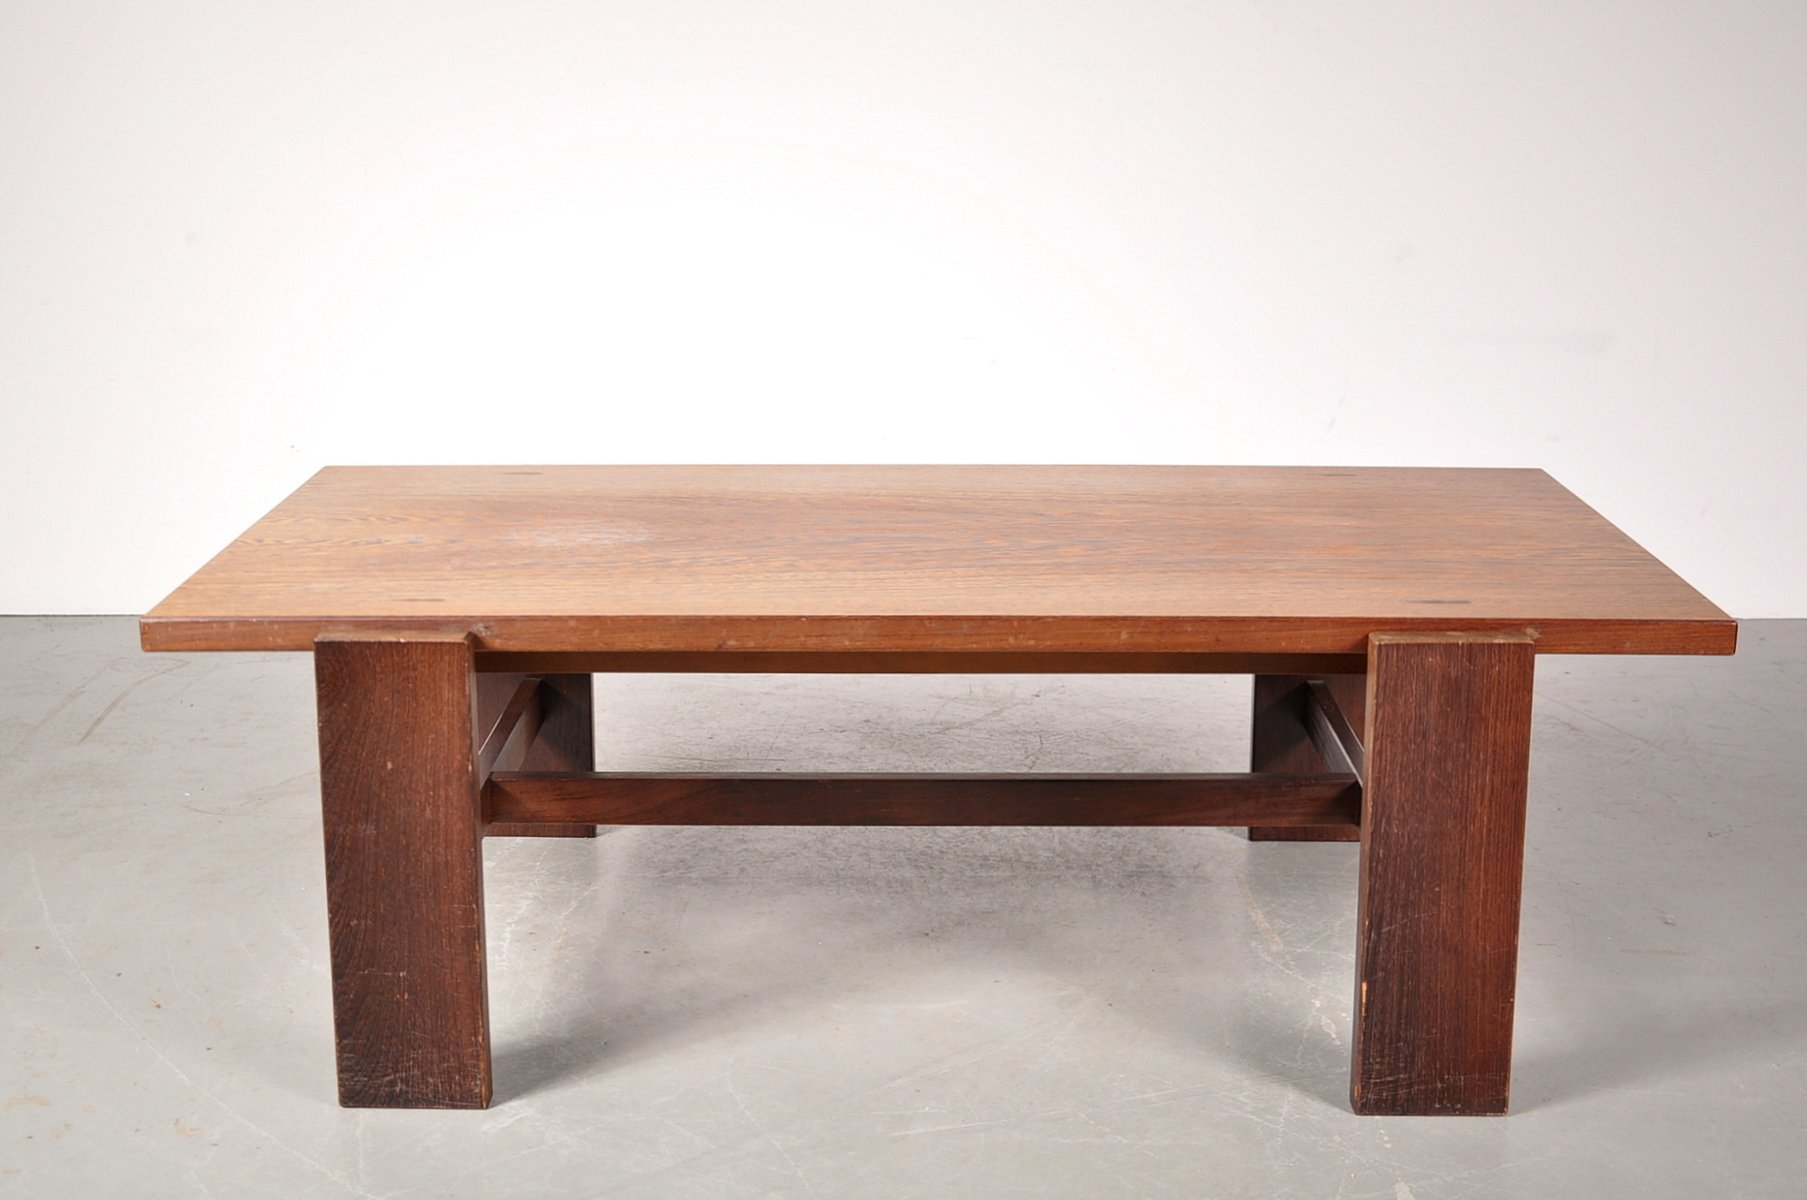 table basse en weng avec plateau r versible en blanc lamin par cees braakman pour pastoe pays. Black Bedroom Furniture Sets. Home Design Ideas